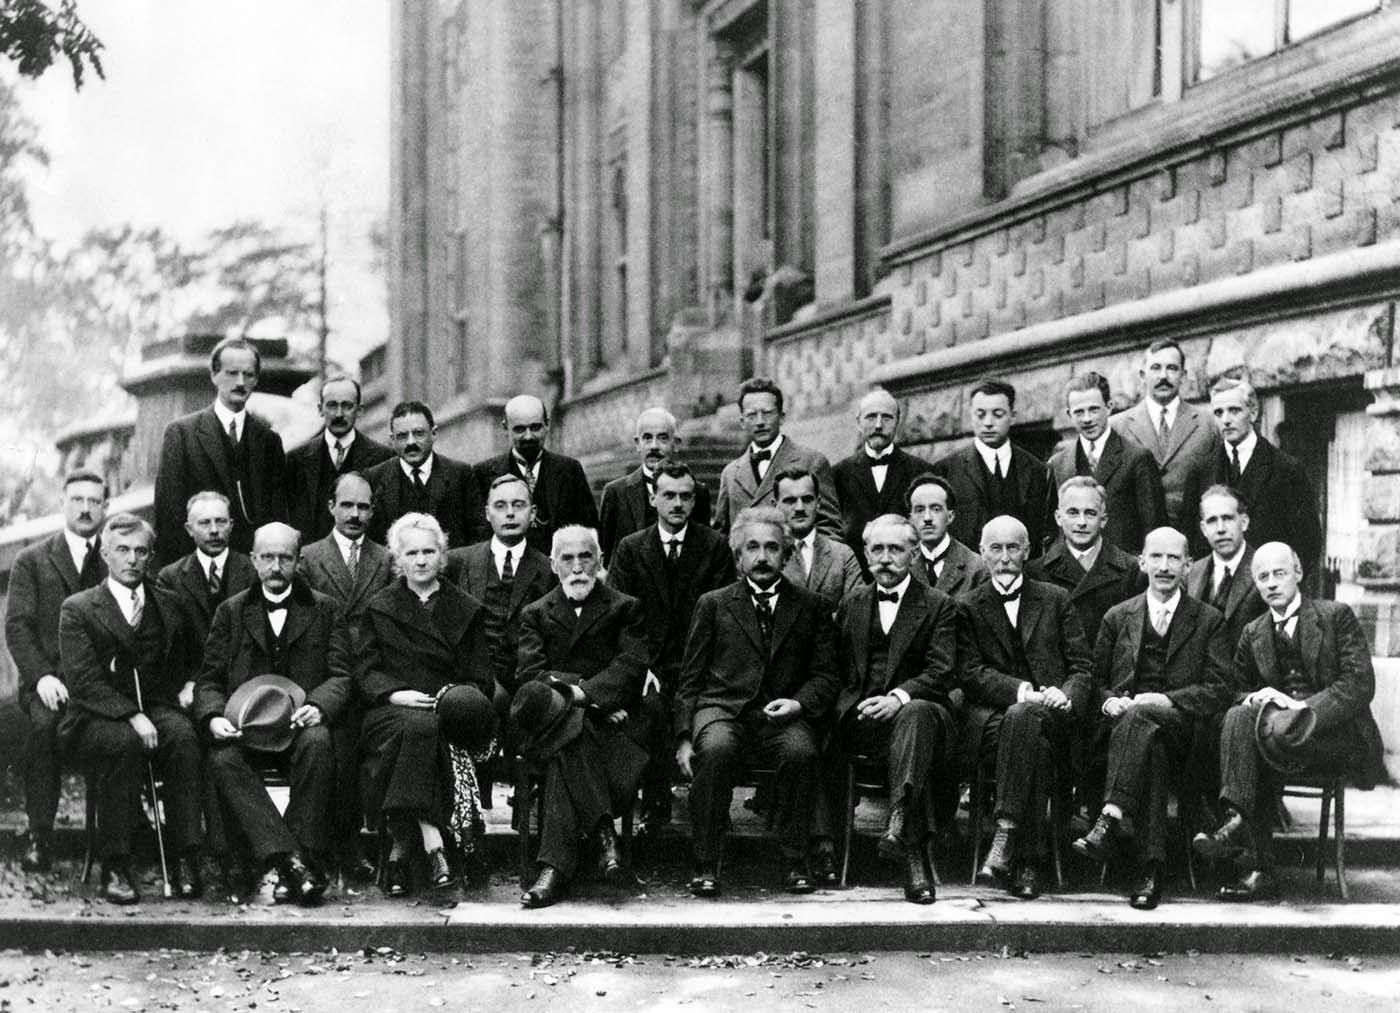 Fotografía Del Día: El Congreso Solvay, La Fotografía Más Famosa (E Inteligente) De La Ciencia 1